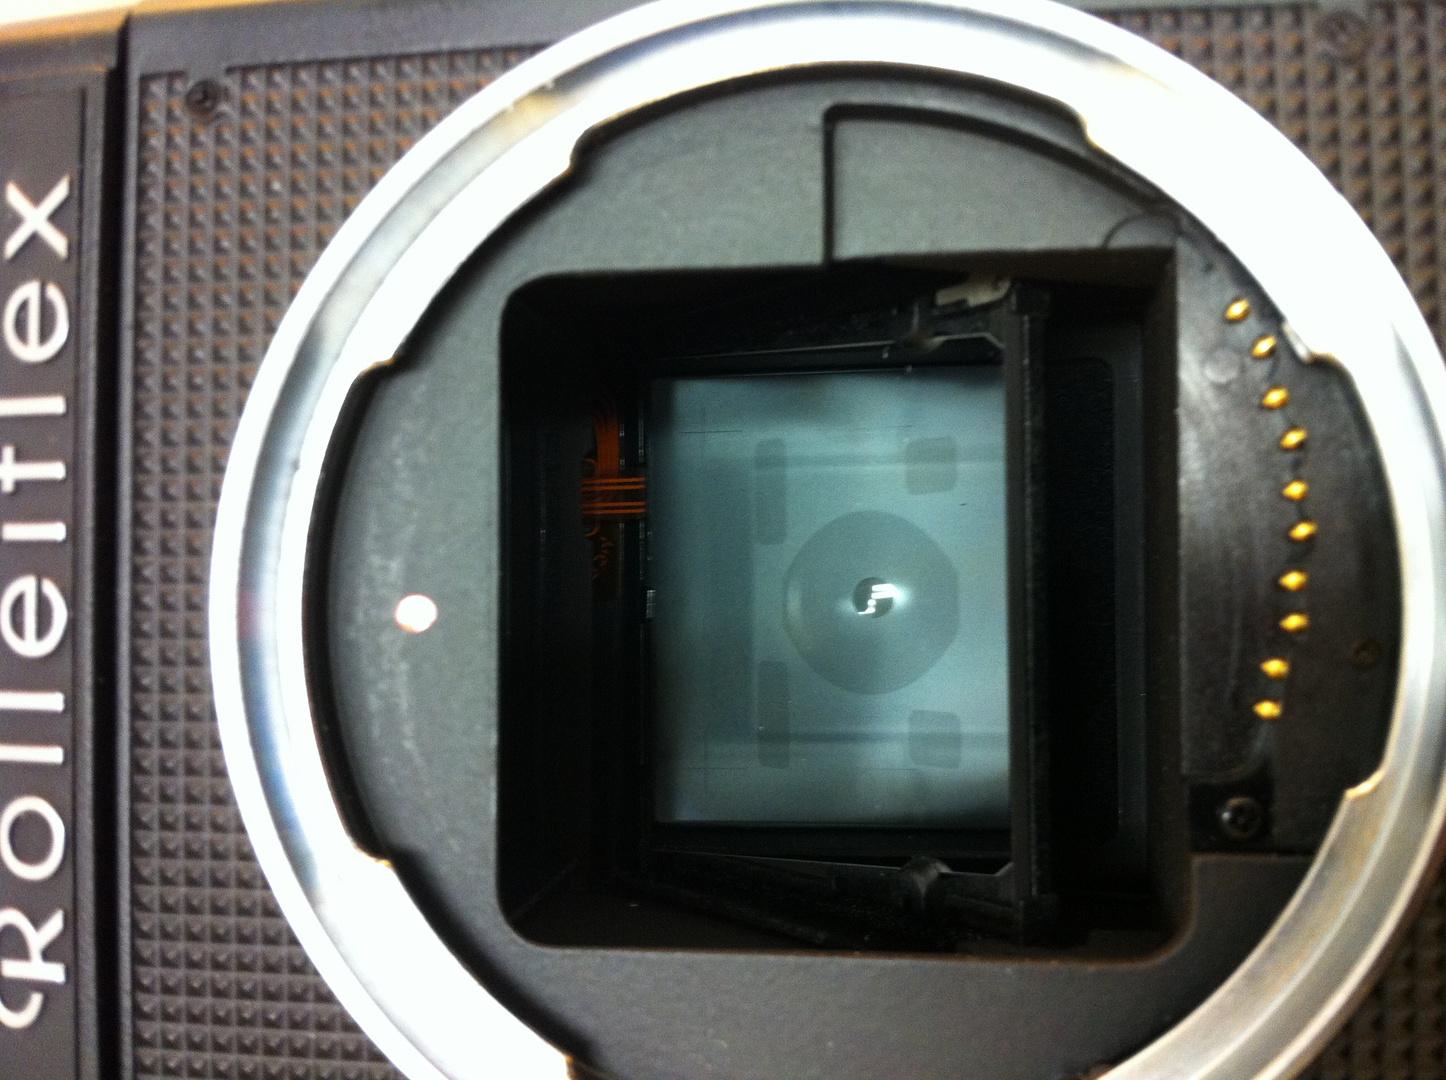 Spiegel Rolleiflex 6008 Integral